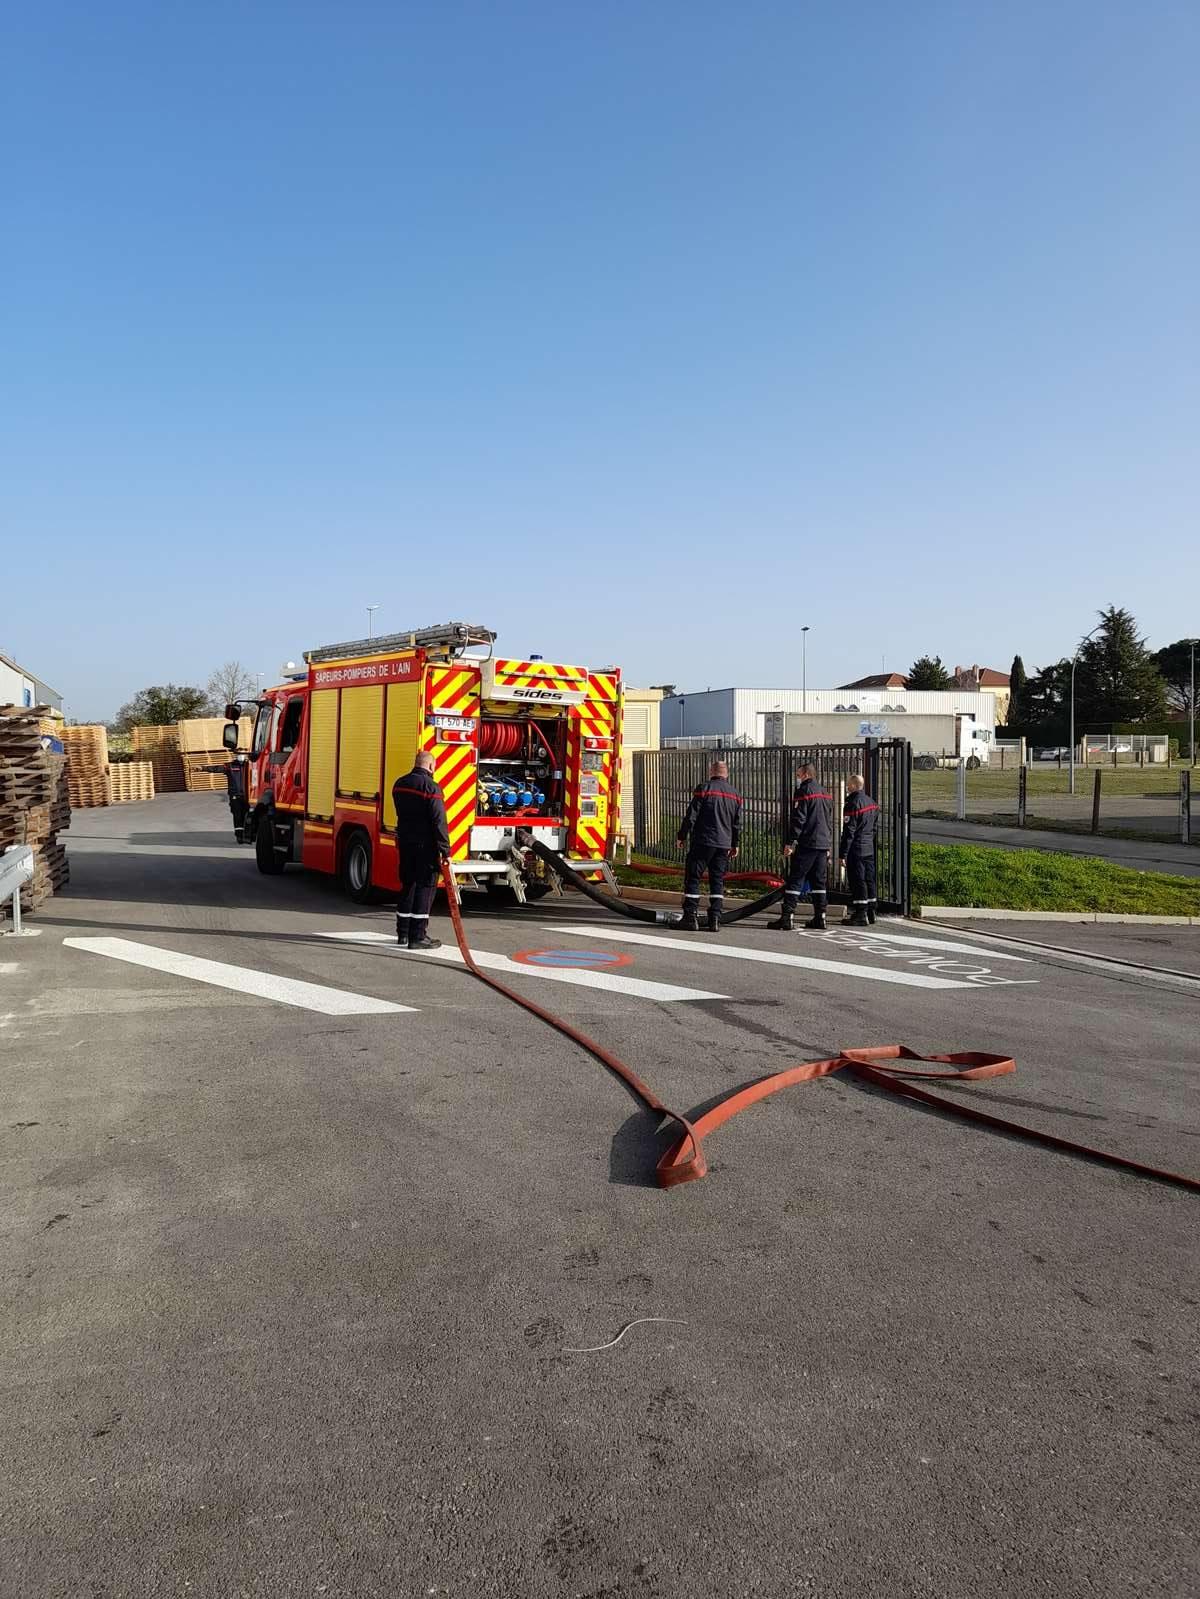 réception réseau de défense extérieur contre l'incendie par le SDIS de l'Ain service risques industriels